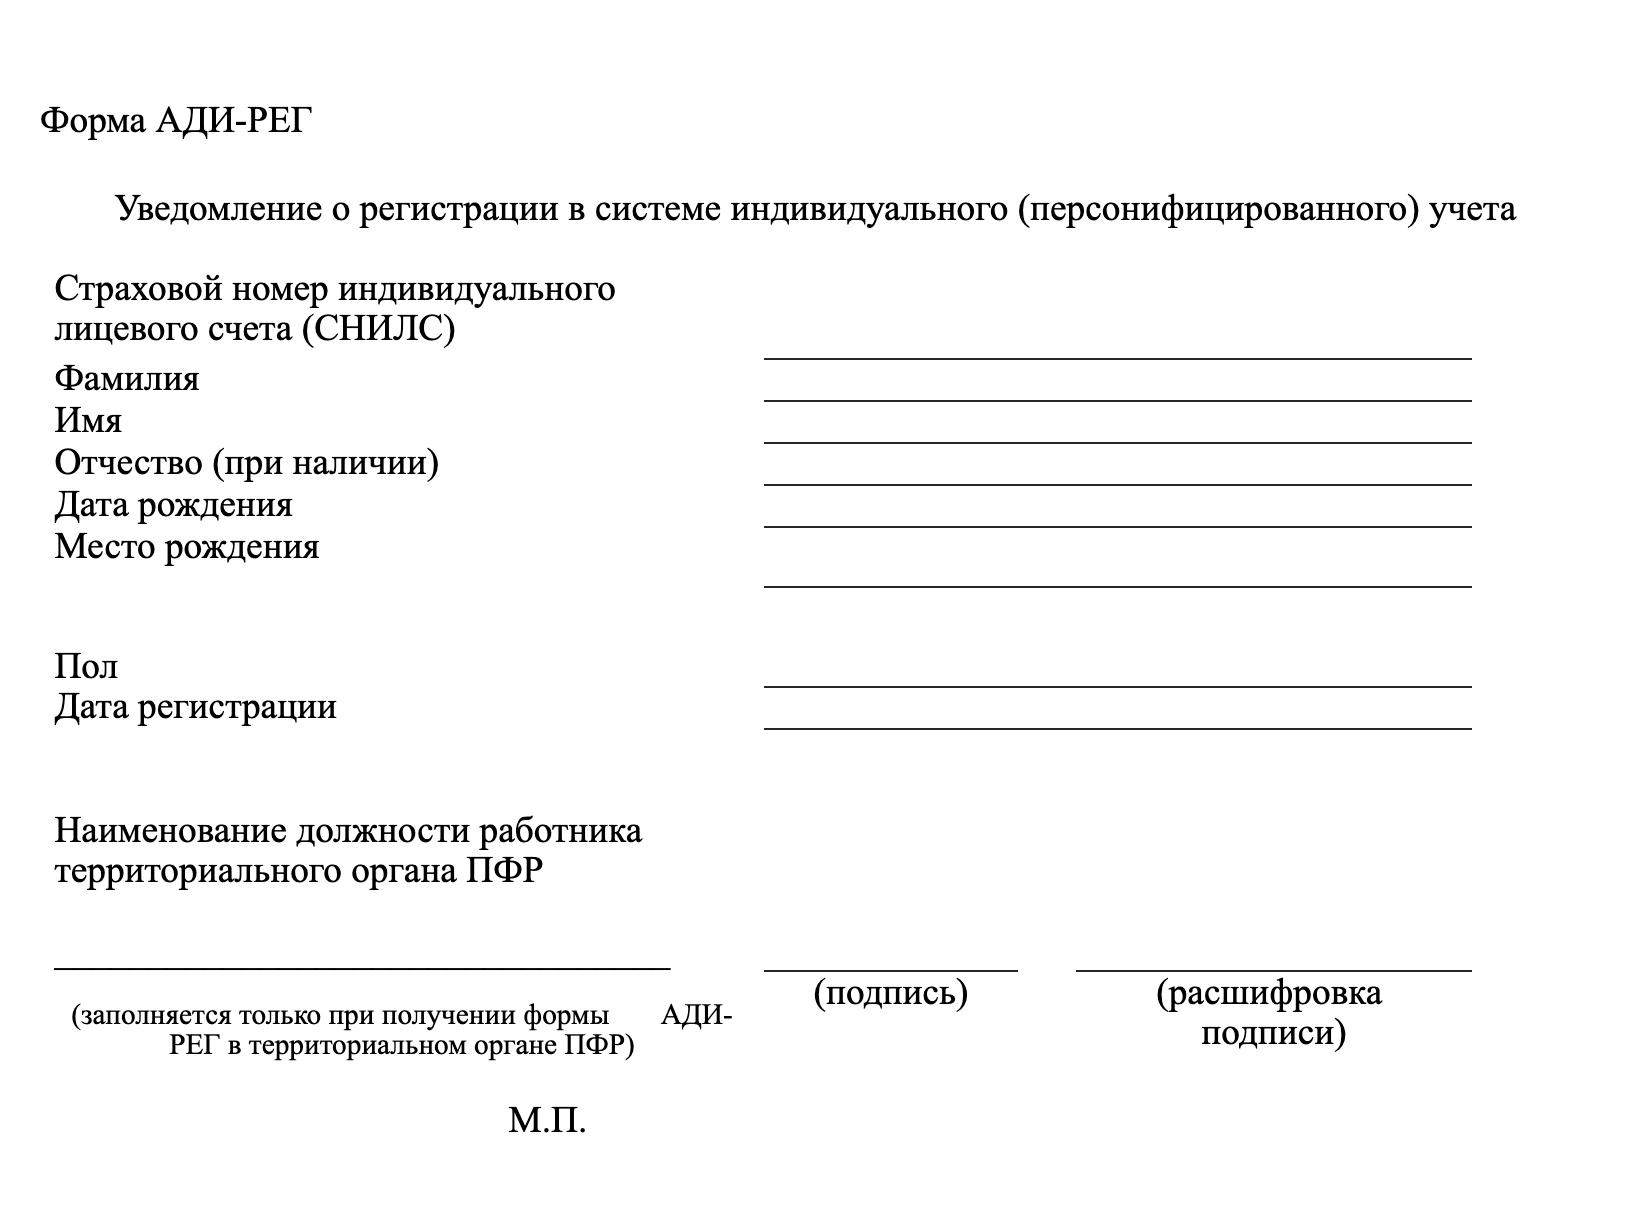 ПФР опубликовал новый документ, заменяющий СНИЛС